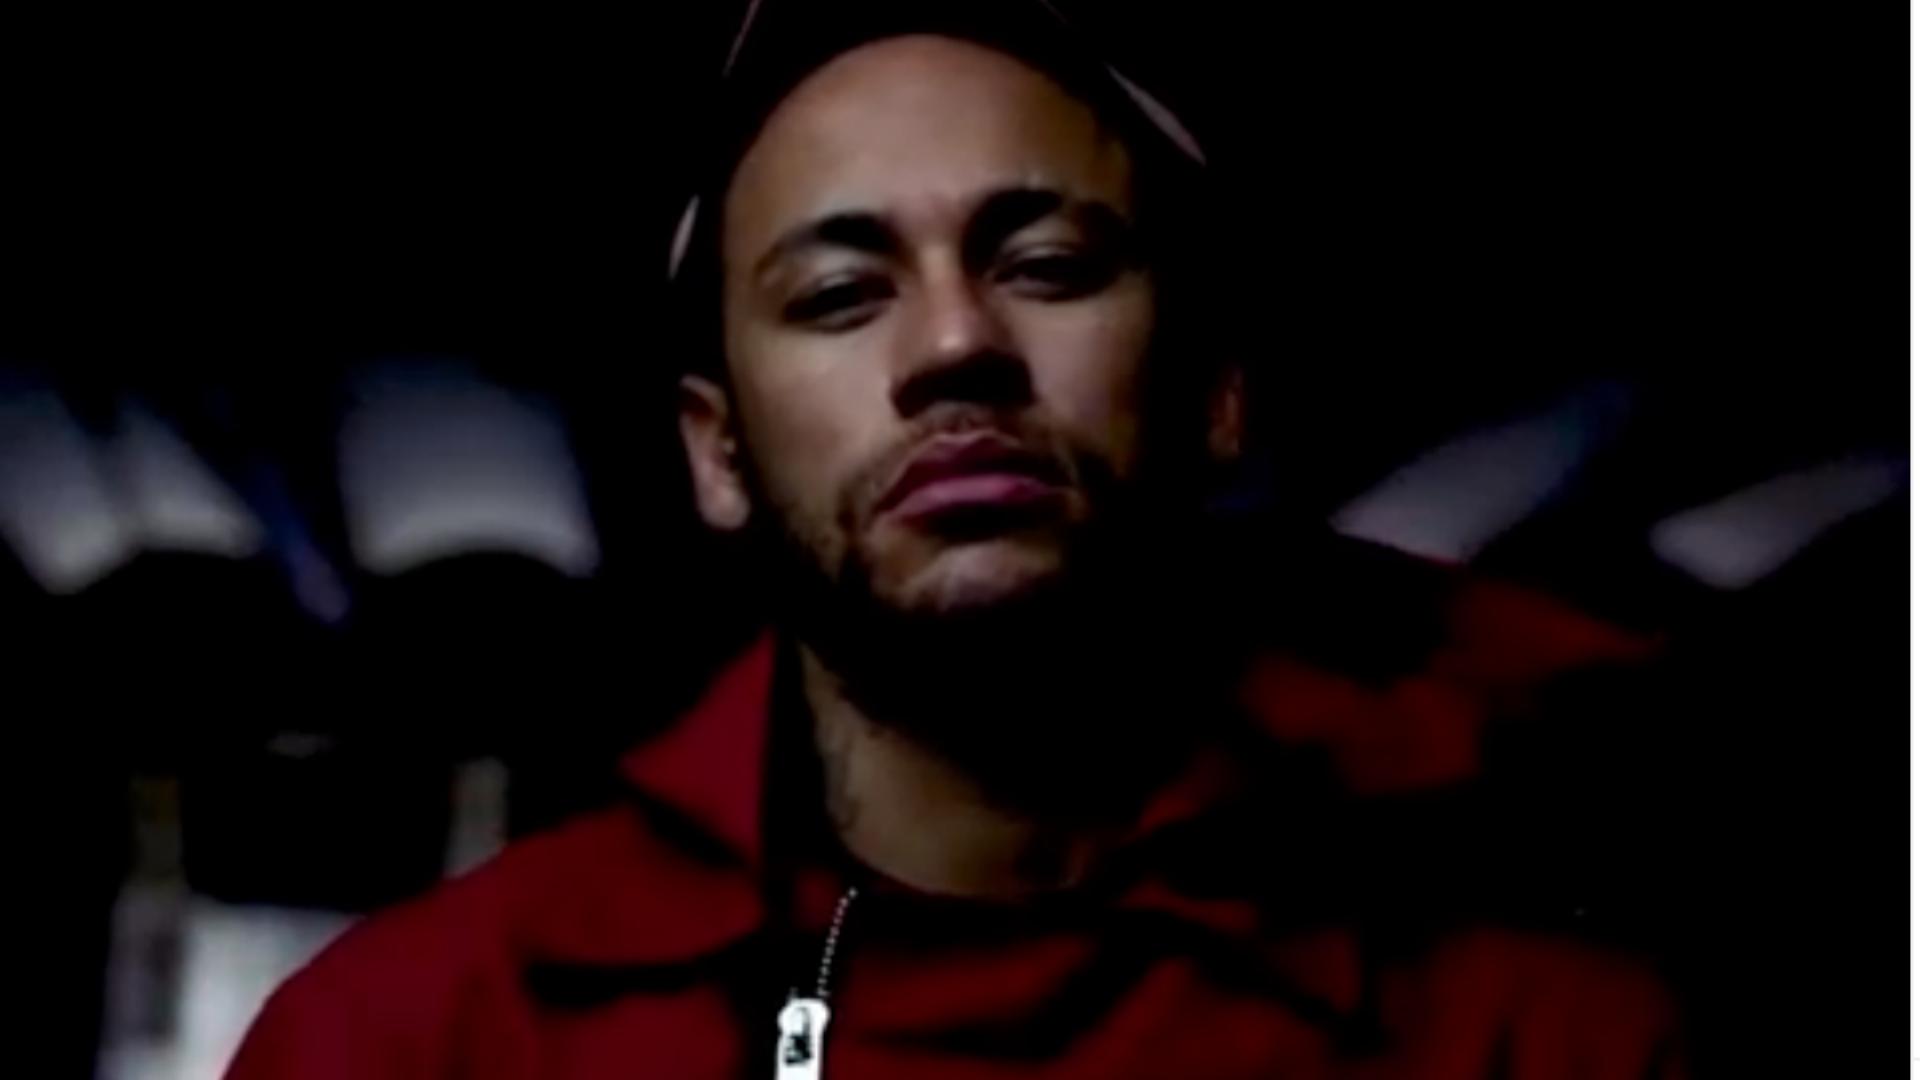 Cómo ver a Neymar en la Casa de Papel 3: En qué capítulos, dialogo y en qué  minuto aparece | Goal.com